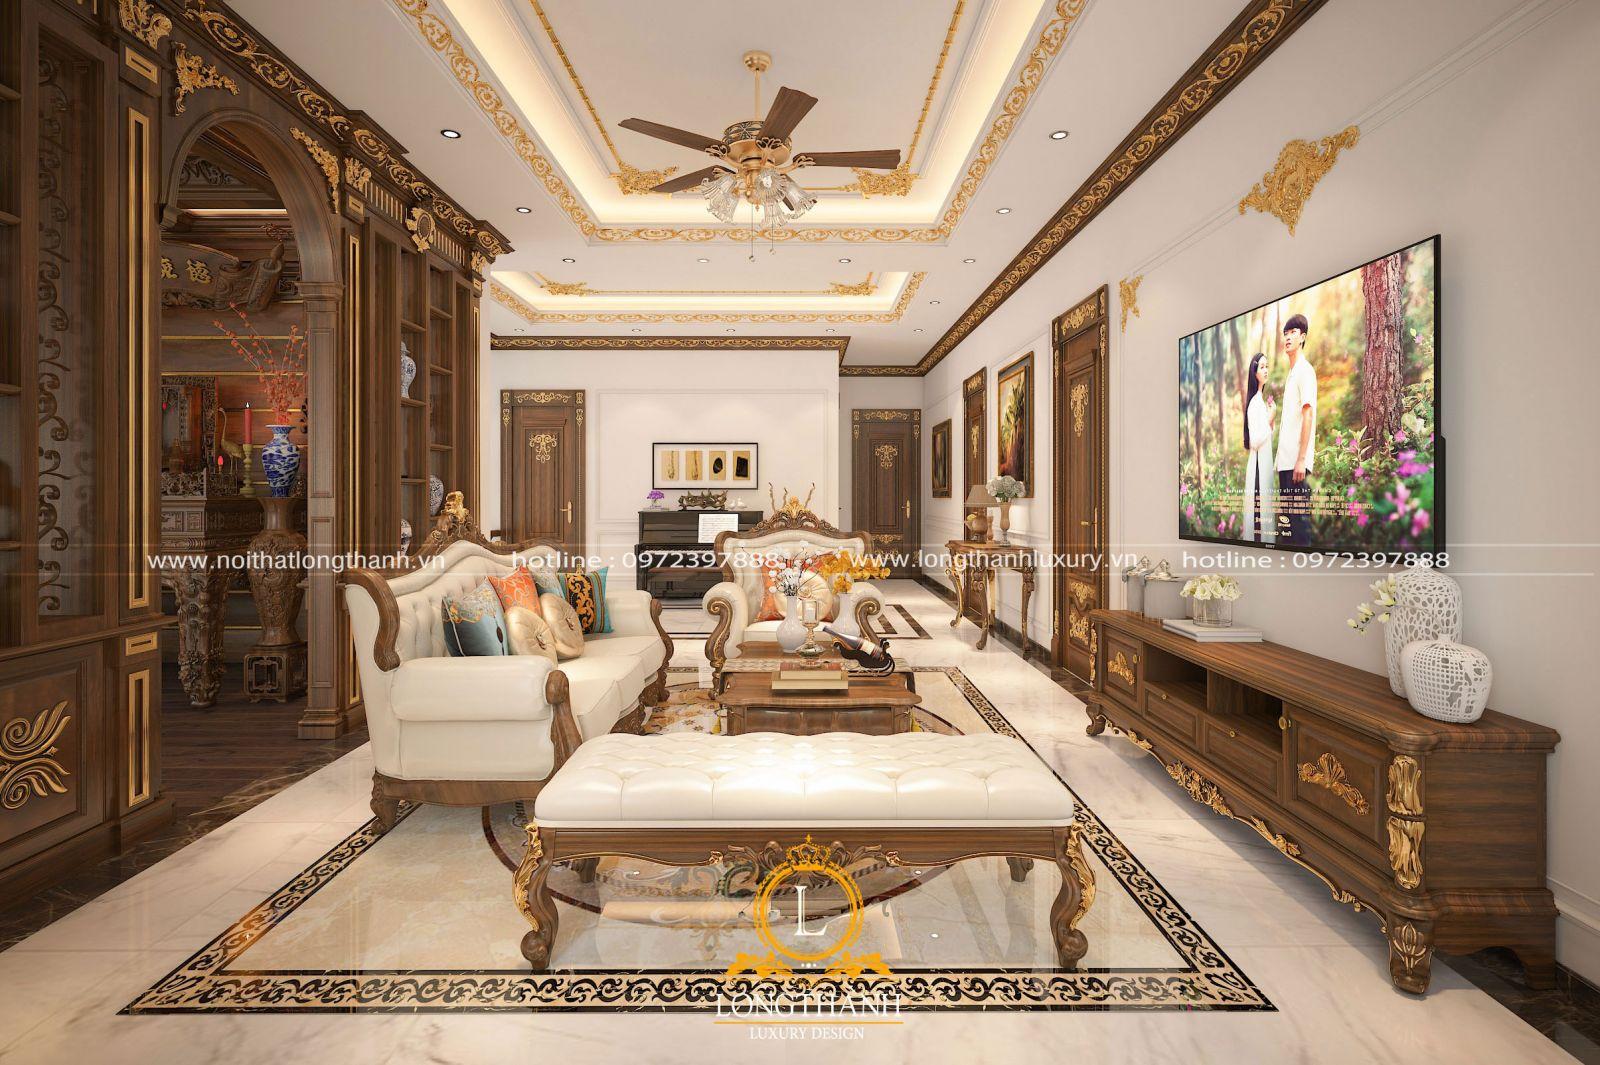 Mẫu thiết kế nội thất phòng sinh hoạt chung tân cổ điển sang trọng với gỗ tự nhiên